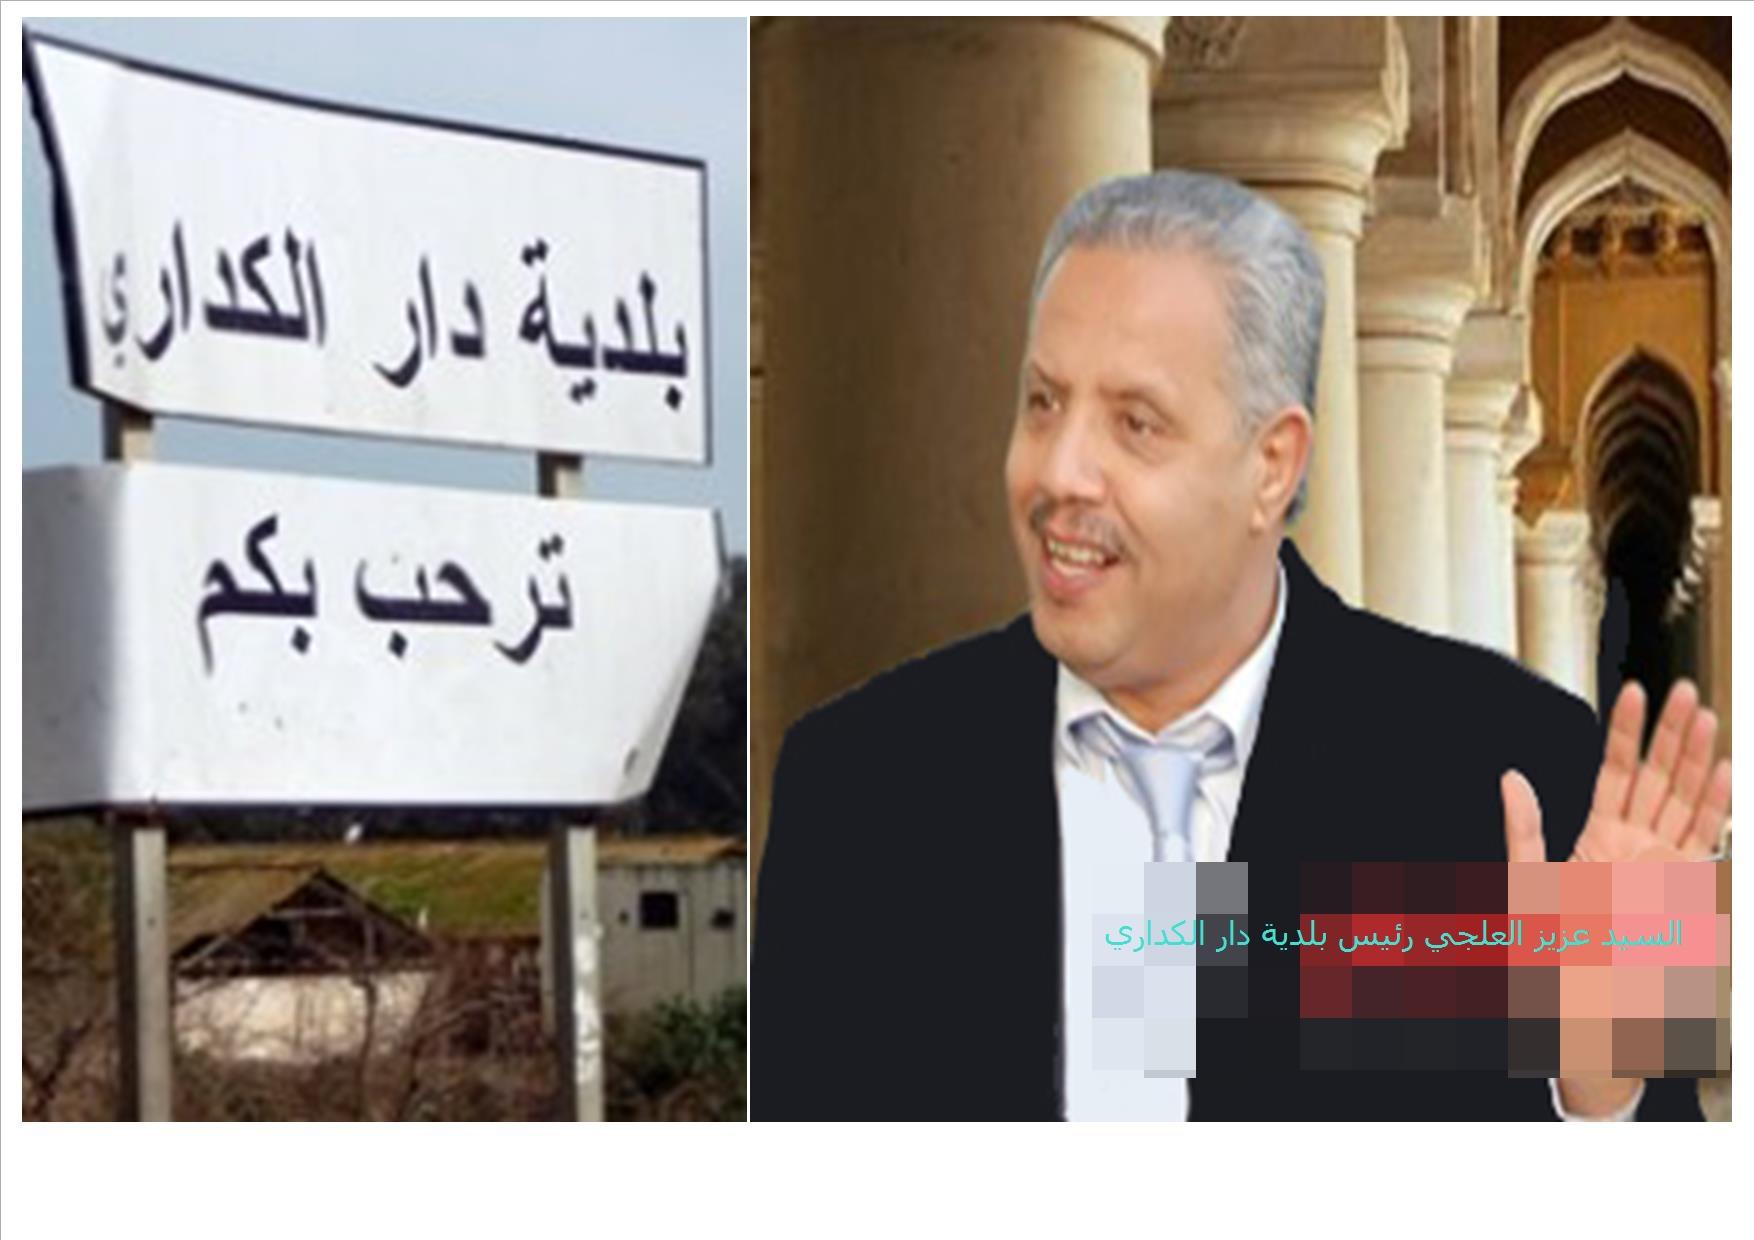 ملعب القرب:موضوع مراسلة موجهة الى رئيس بلدية دار الكداري